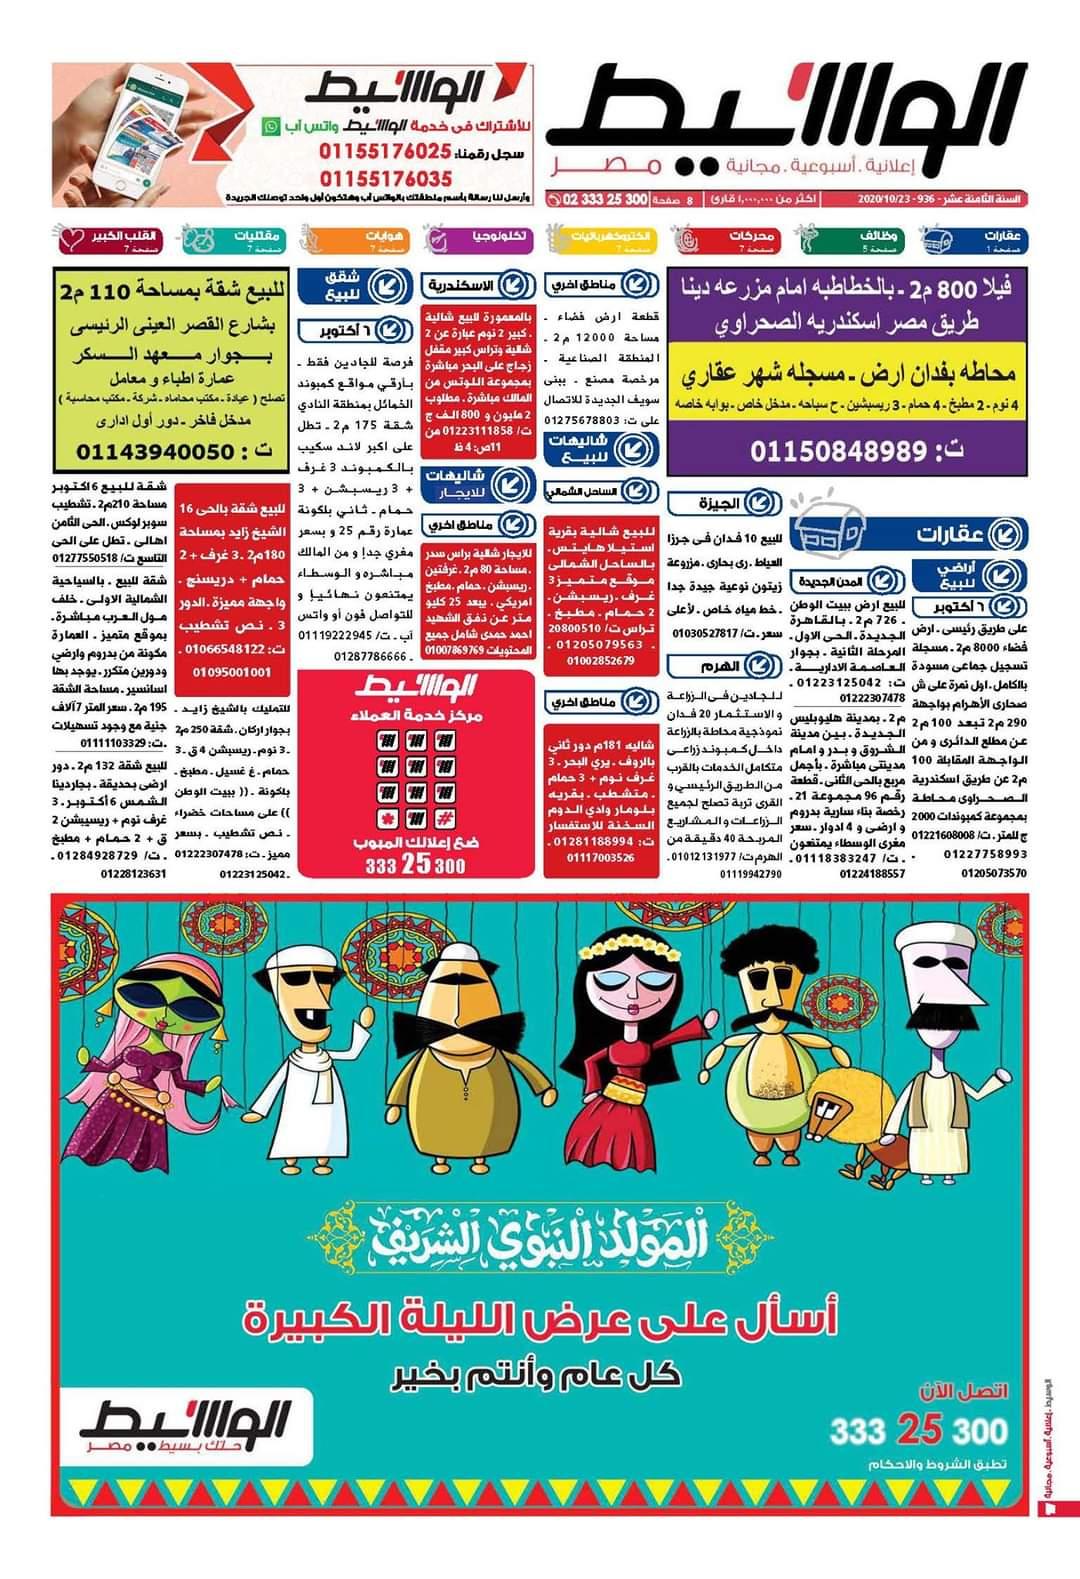 الوسيط الجمعه وظائف و اعلانات 23 اكتوبر 2020